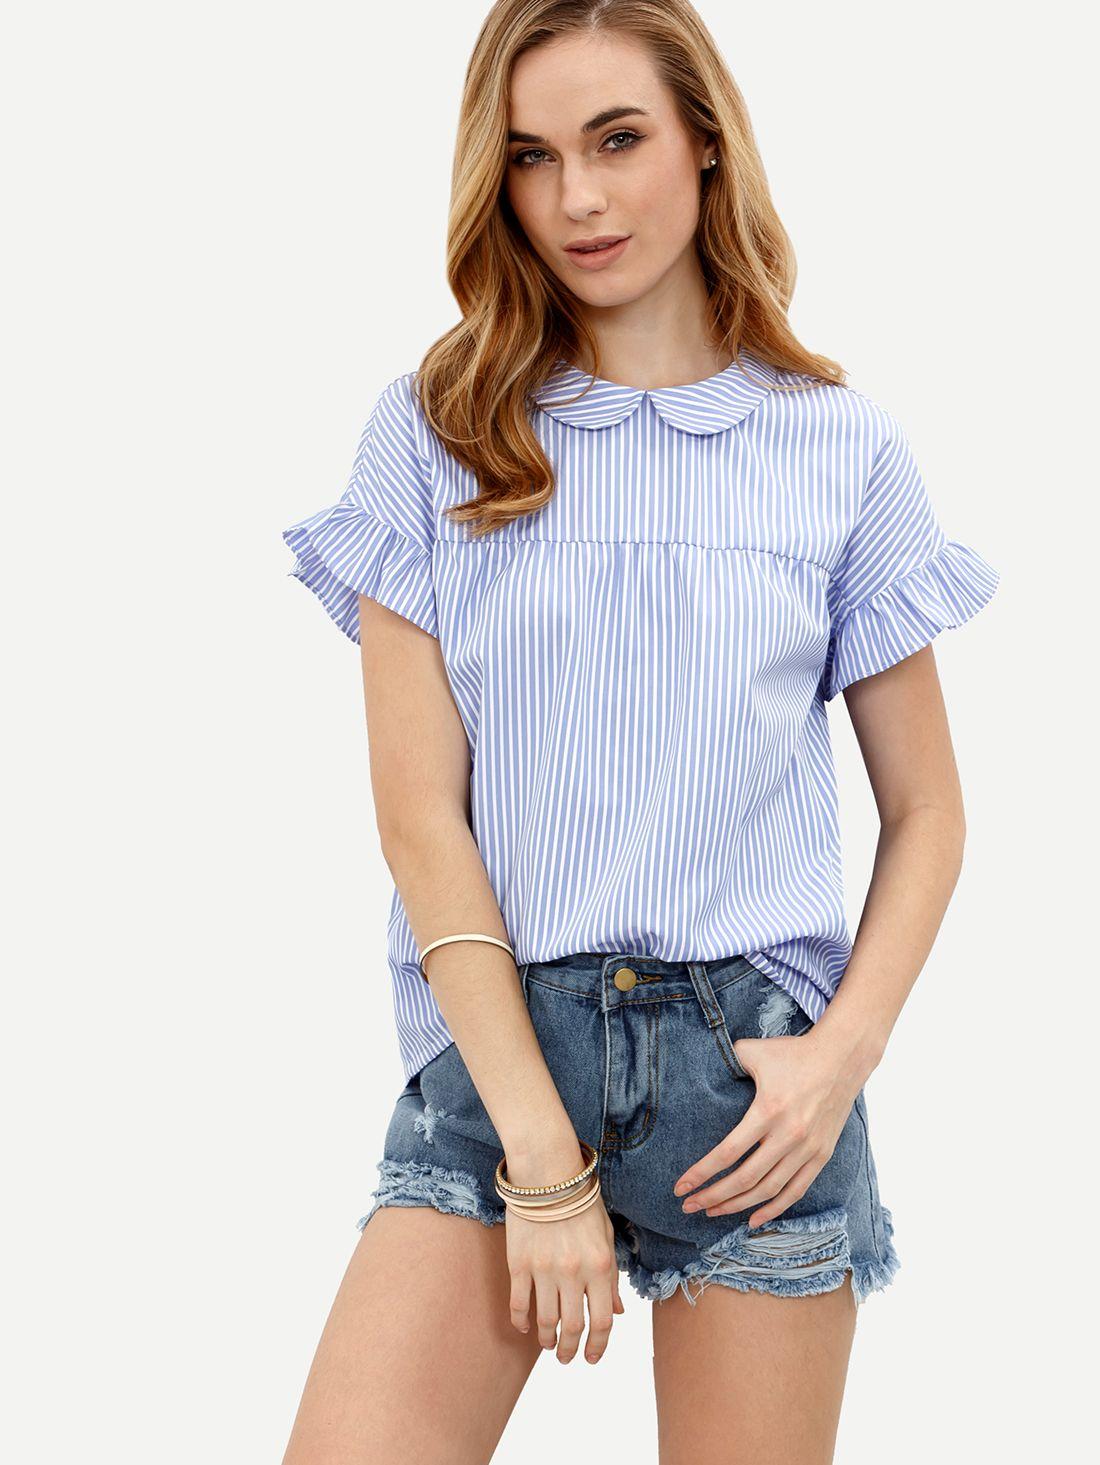 f3253c422cb0e51 Синяя полосатая блуза. Питер Пэн воротник Рубашка С Рюшами, Рукав С Рюшами,  Свободные